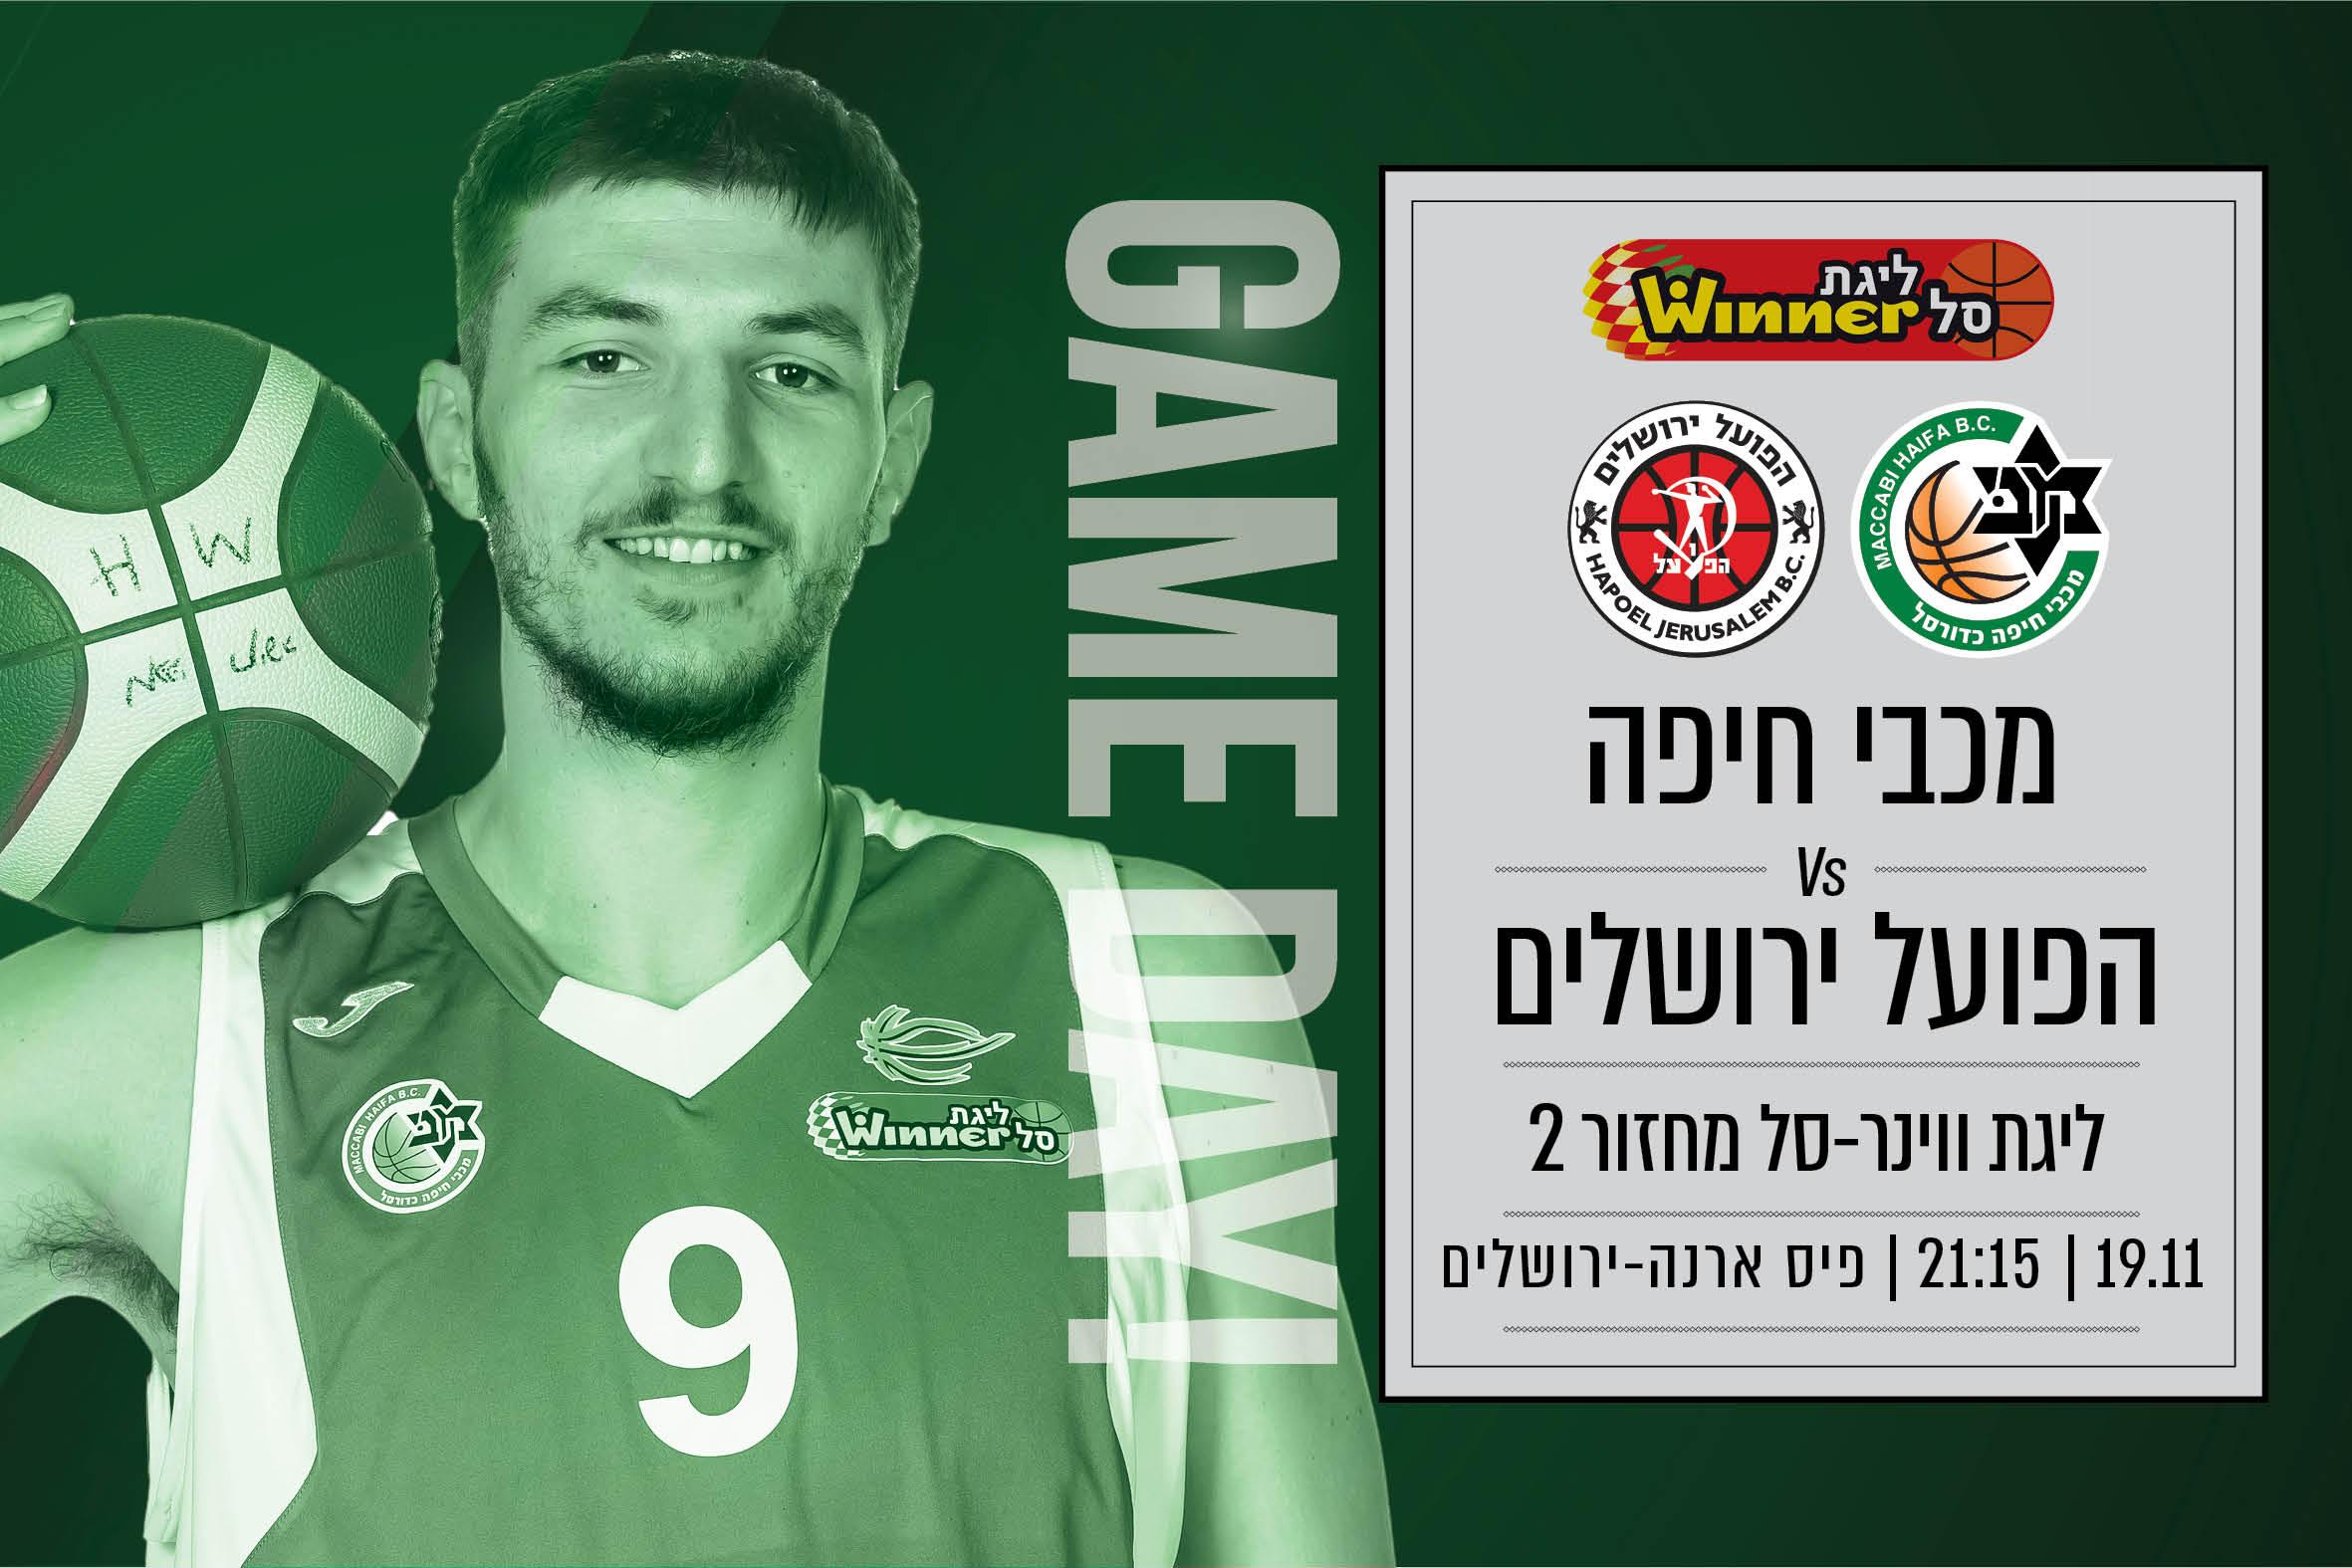 עולים לבירה: מכבי תשחק הערב מול ירושלים בארנה